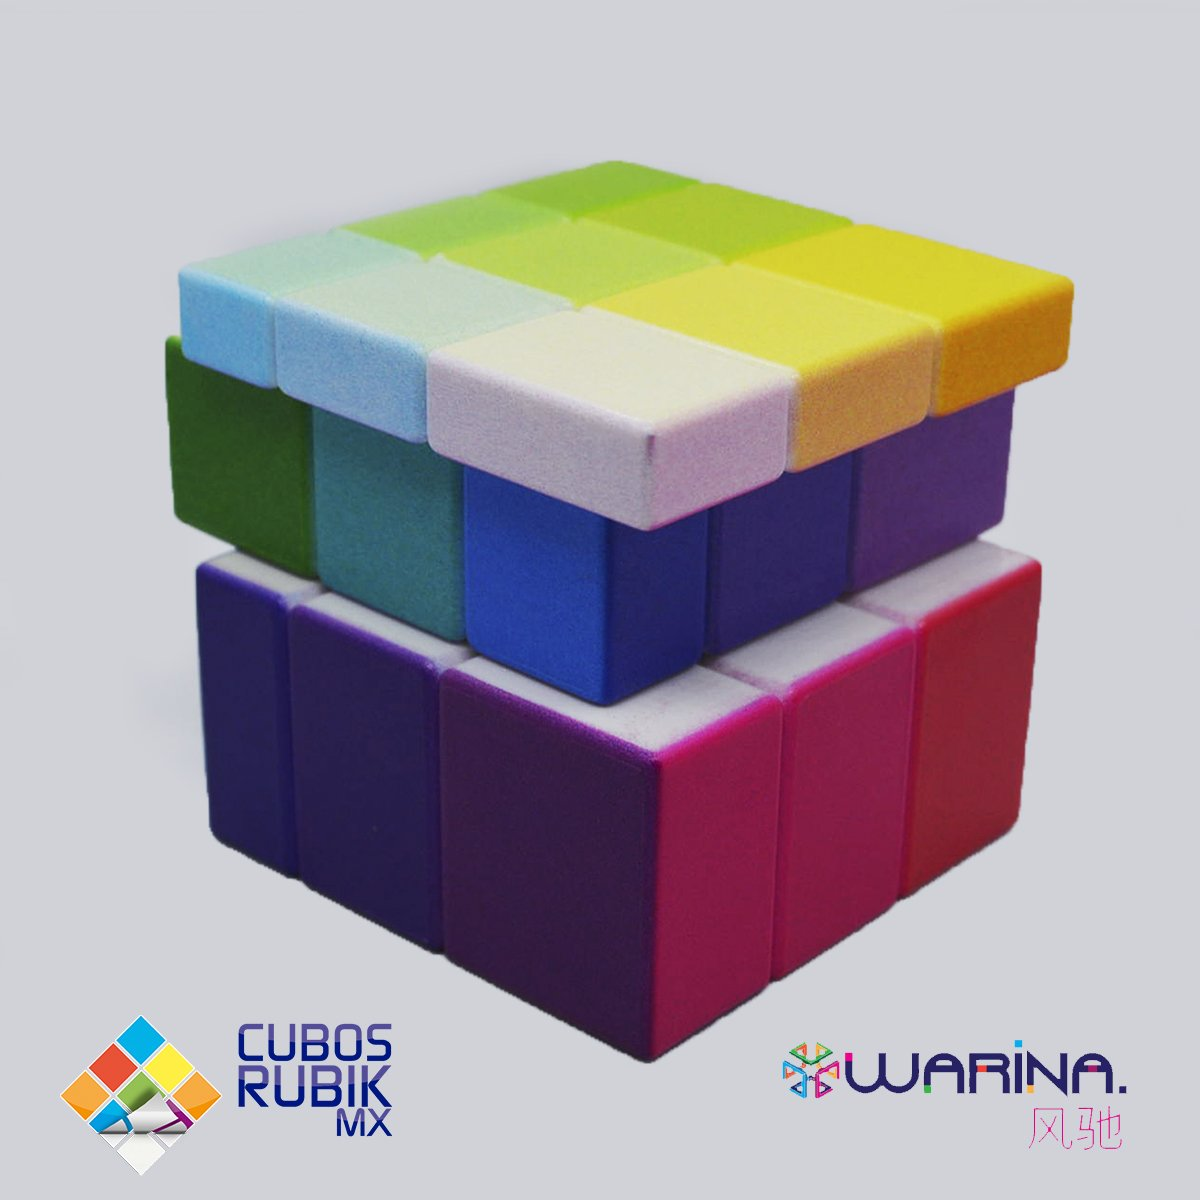 再再販! キューブ3 x 3 キューブ3 x x 3キューブミラーRGB UV印刷 UV印刷 B074ZMT7PH, アクセサリー雑貨ひまわり:8d446846 --- a0267596.xsph.ru